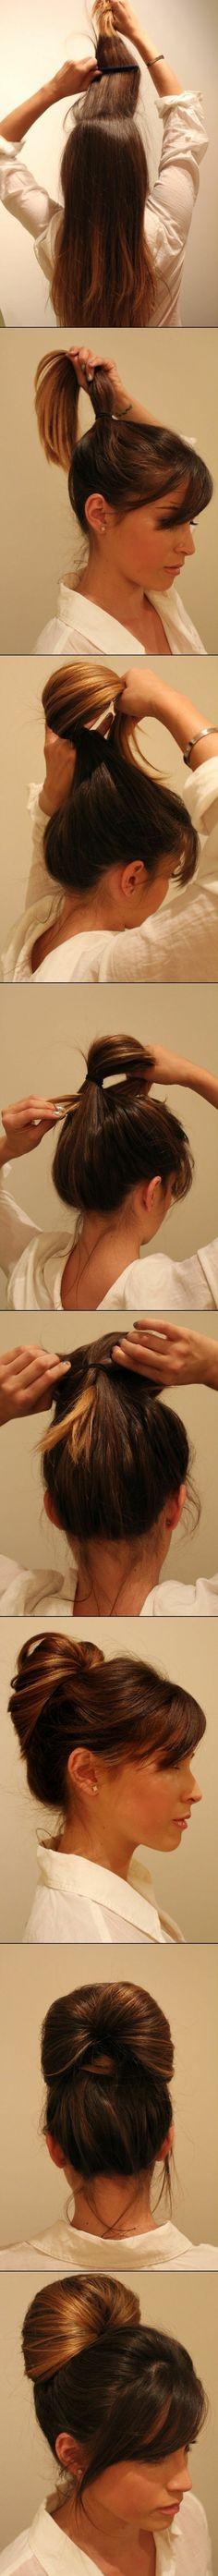 elegante frisur für lange haare - wie wird sie gemacht